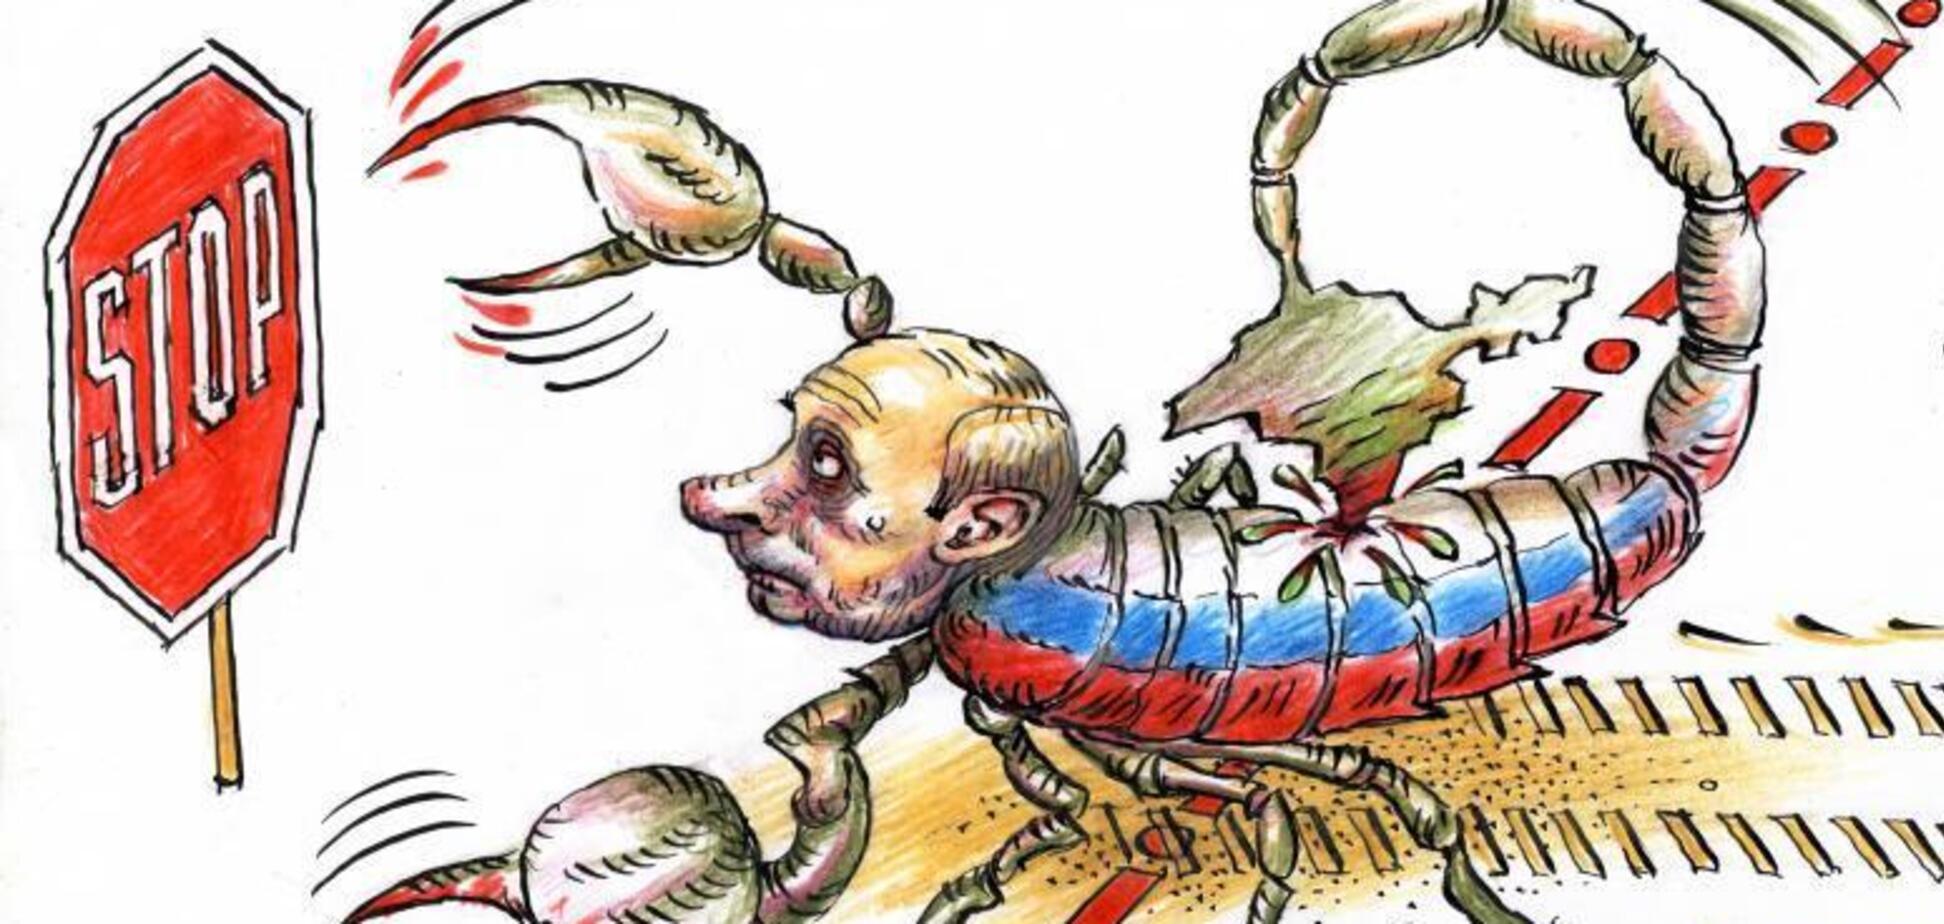 Россия – это 'скорпион, который пугает мир своим 'ядерным жалом'